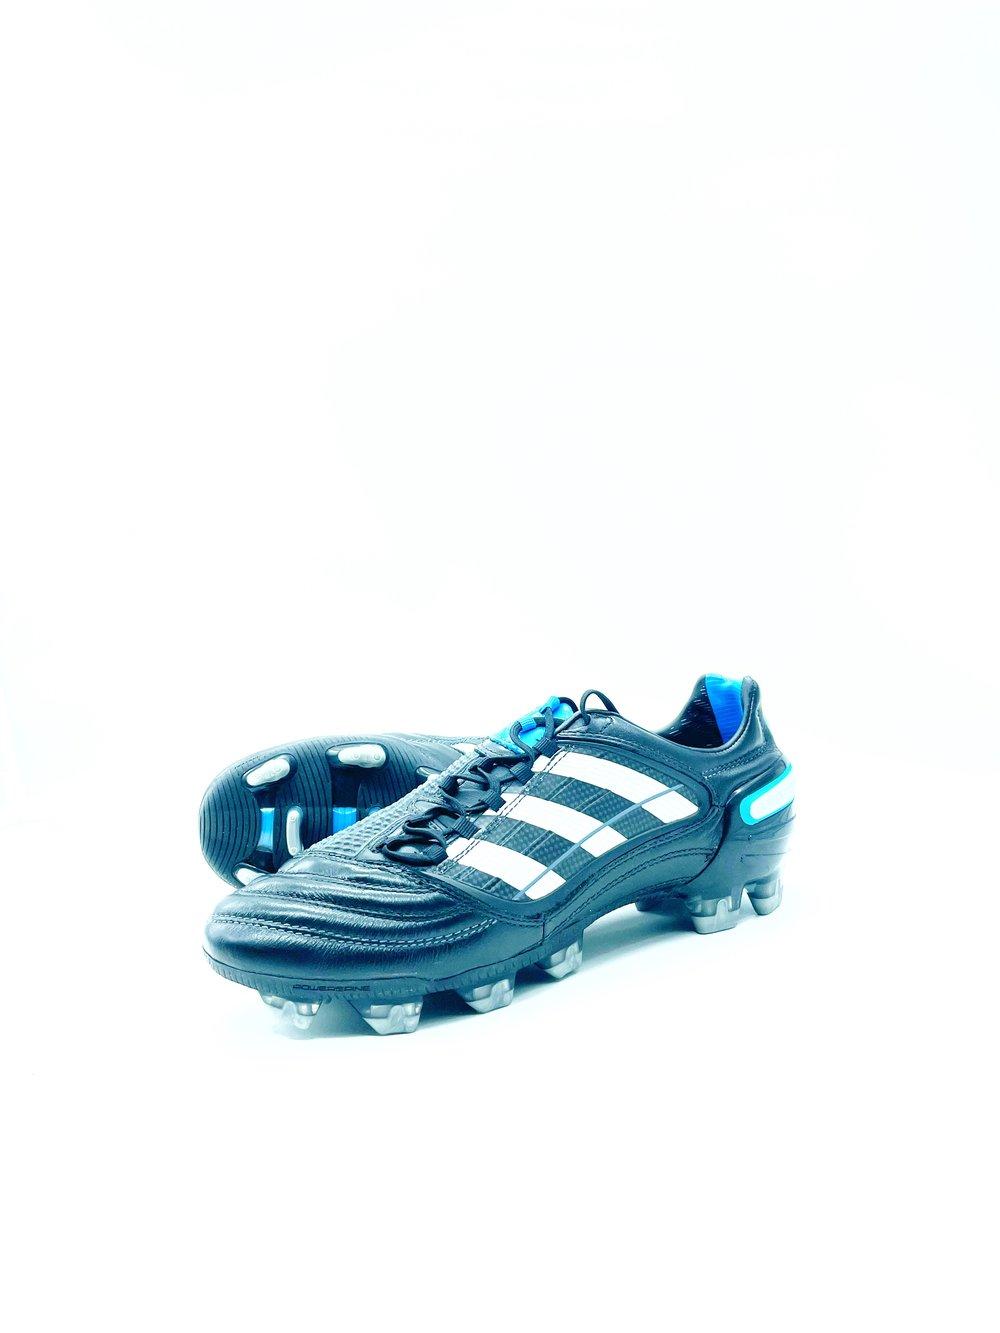 Image of Adidas Predator X black FG